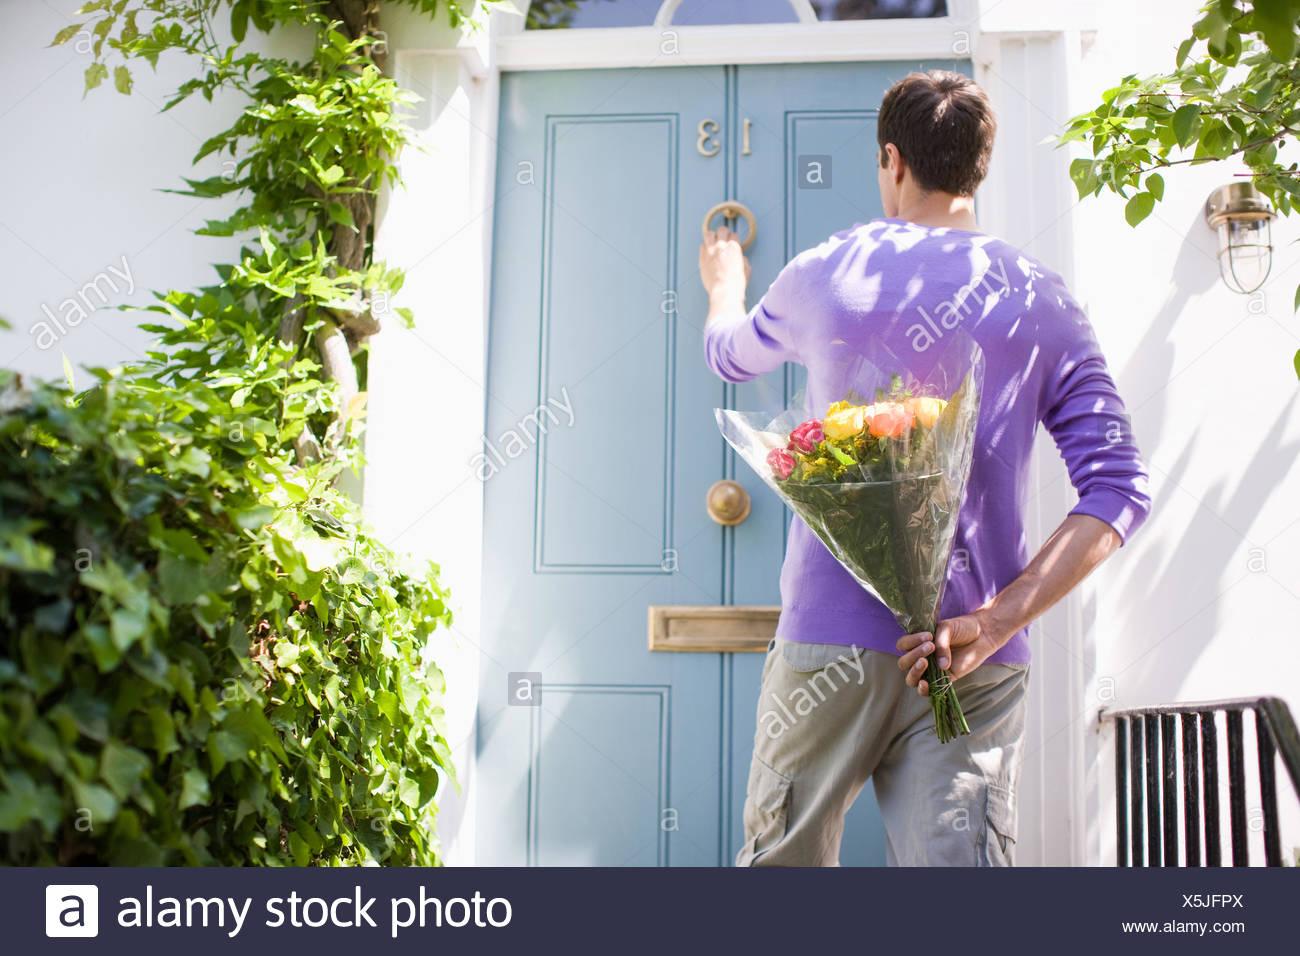 Mann hält Blumenstrauss und klopfen an die Tür Stockbild